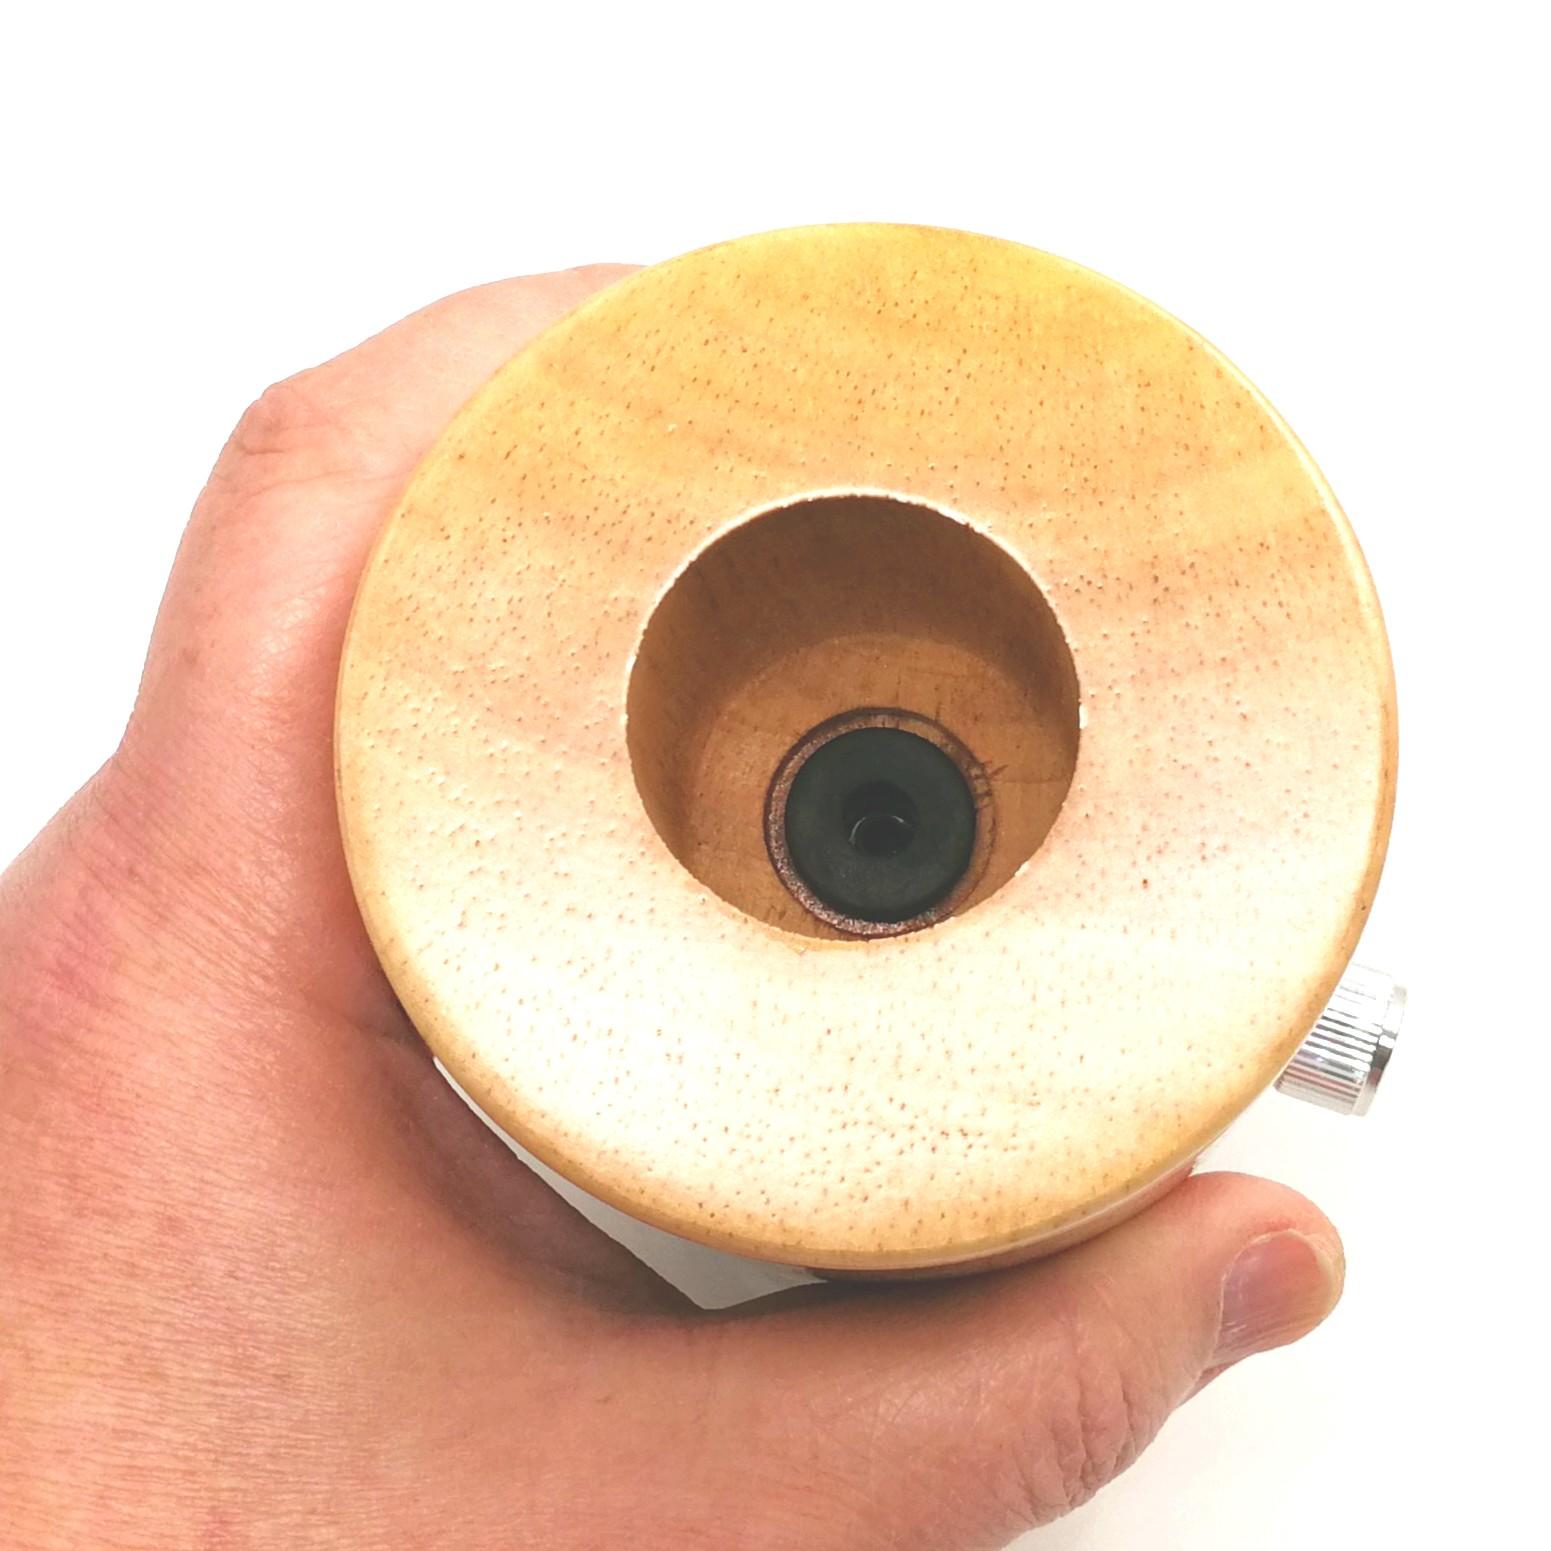 第五代精油擴香儀全木包覆最堅固